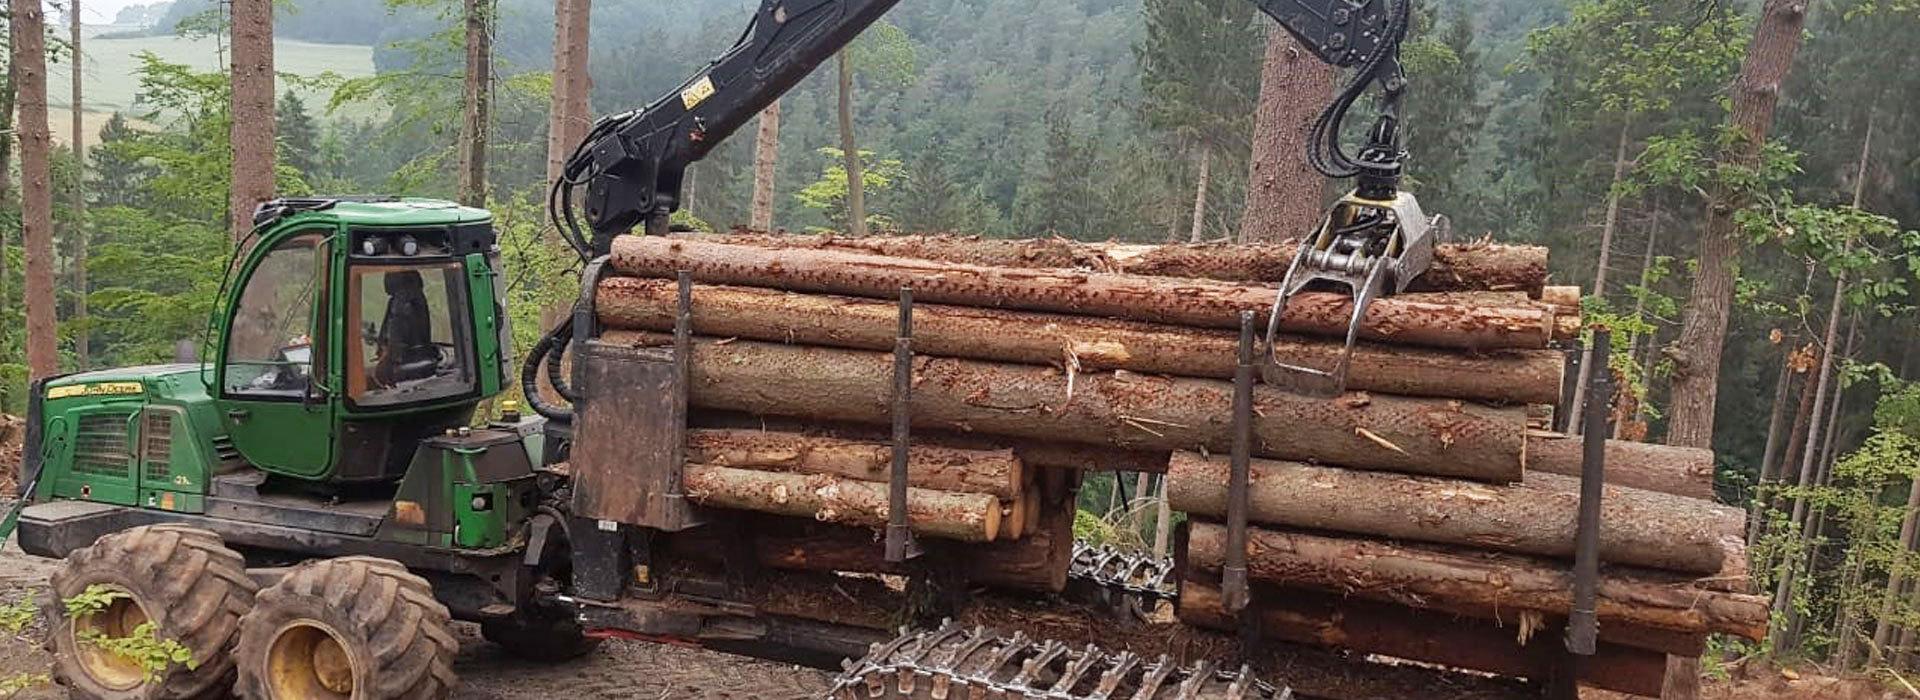 Hochmechanisierte-Holzernte